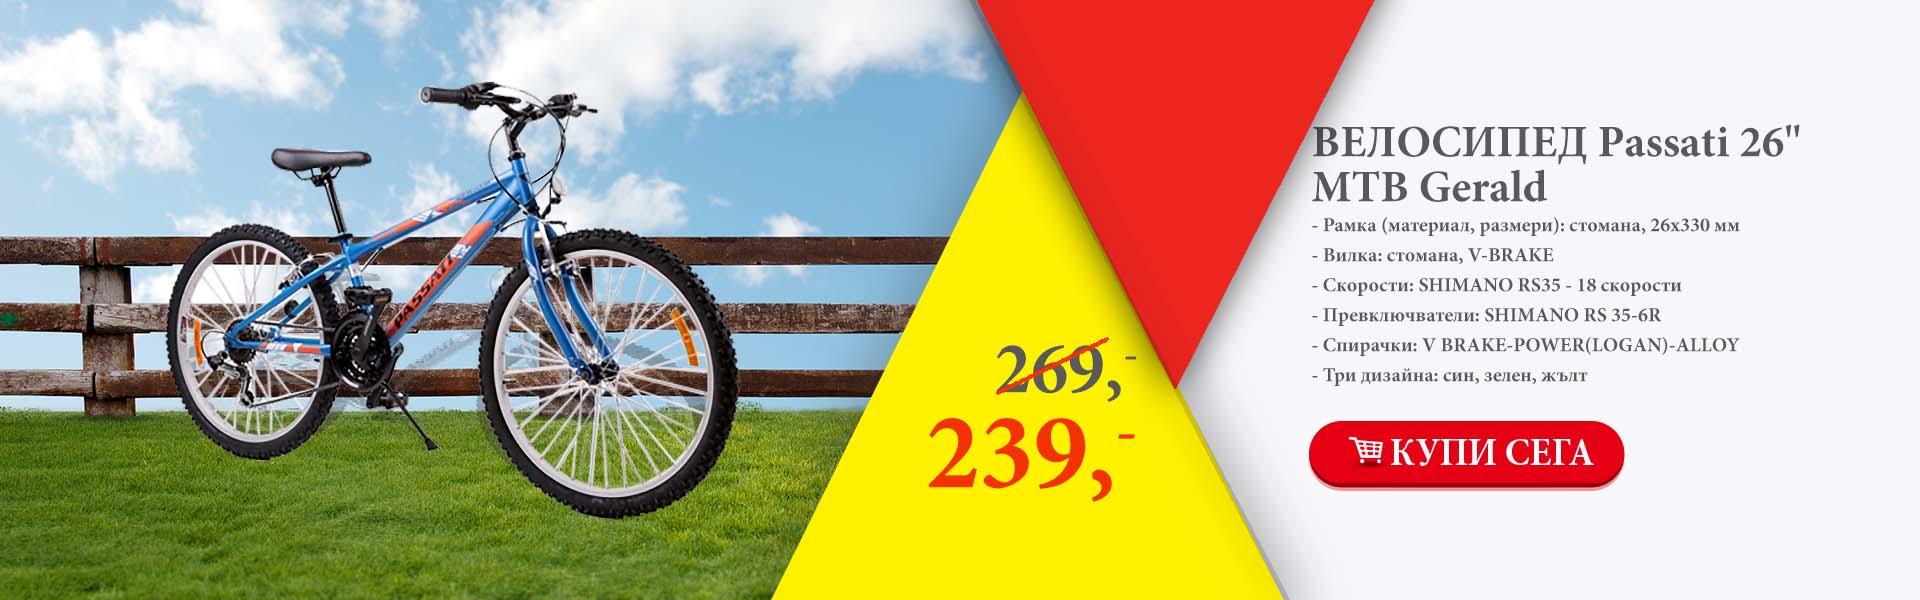 Велосипед Passati